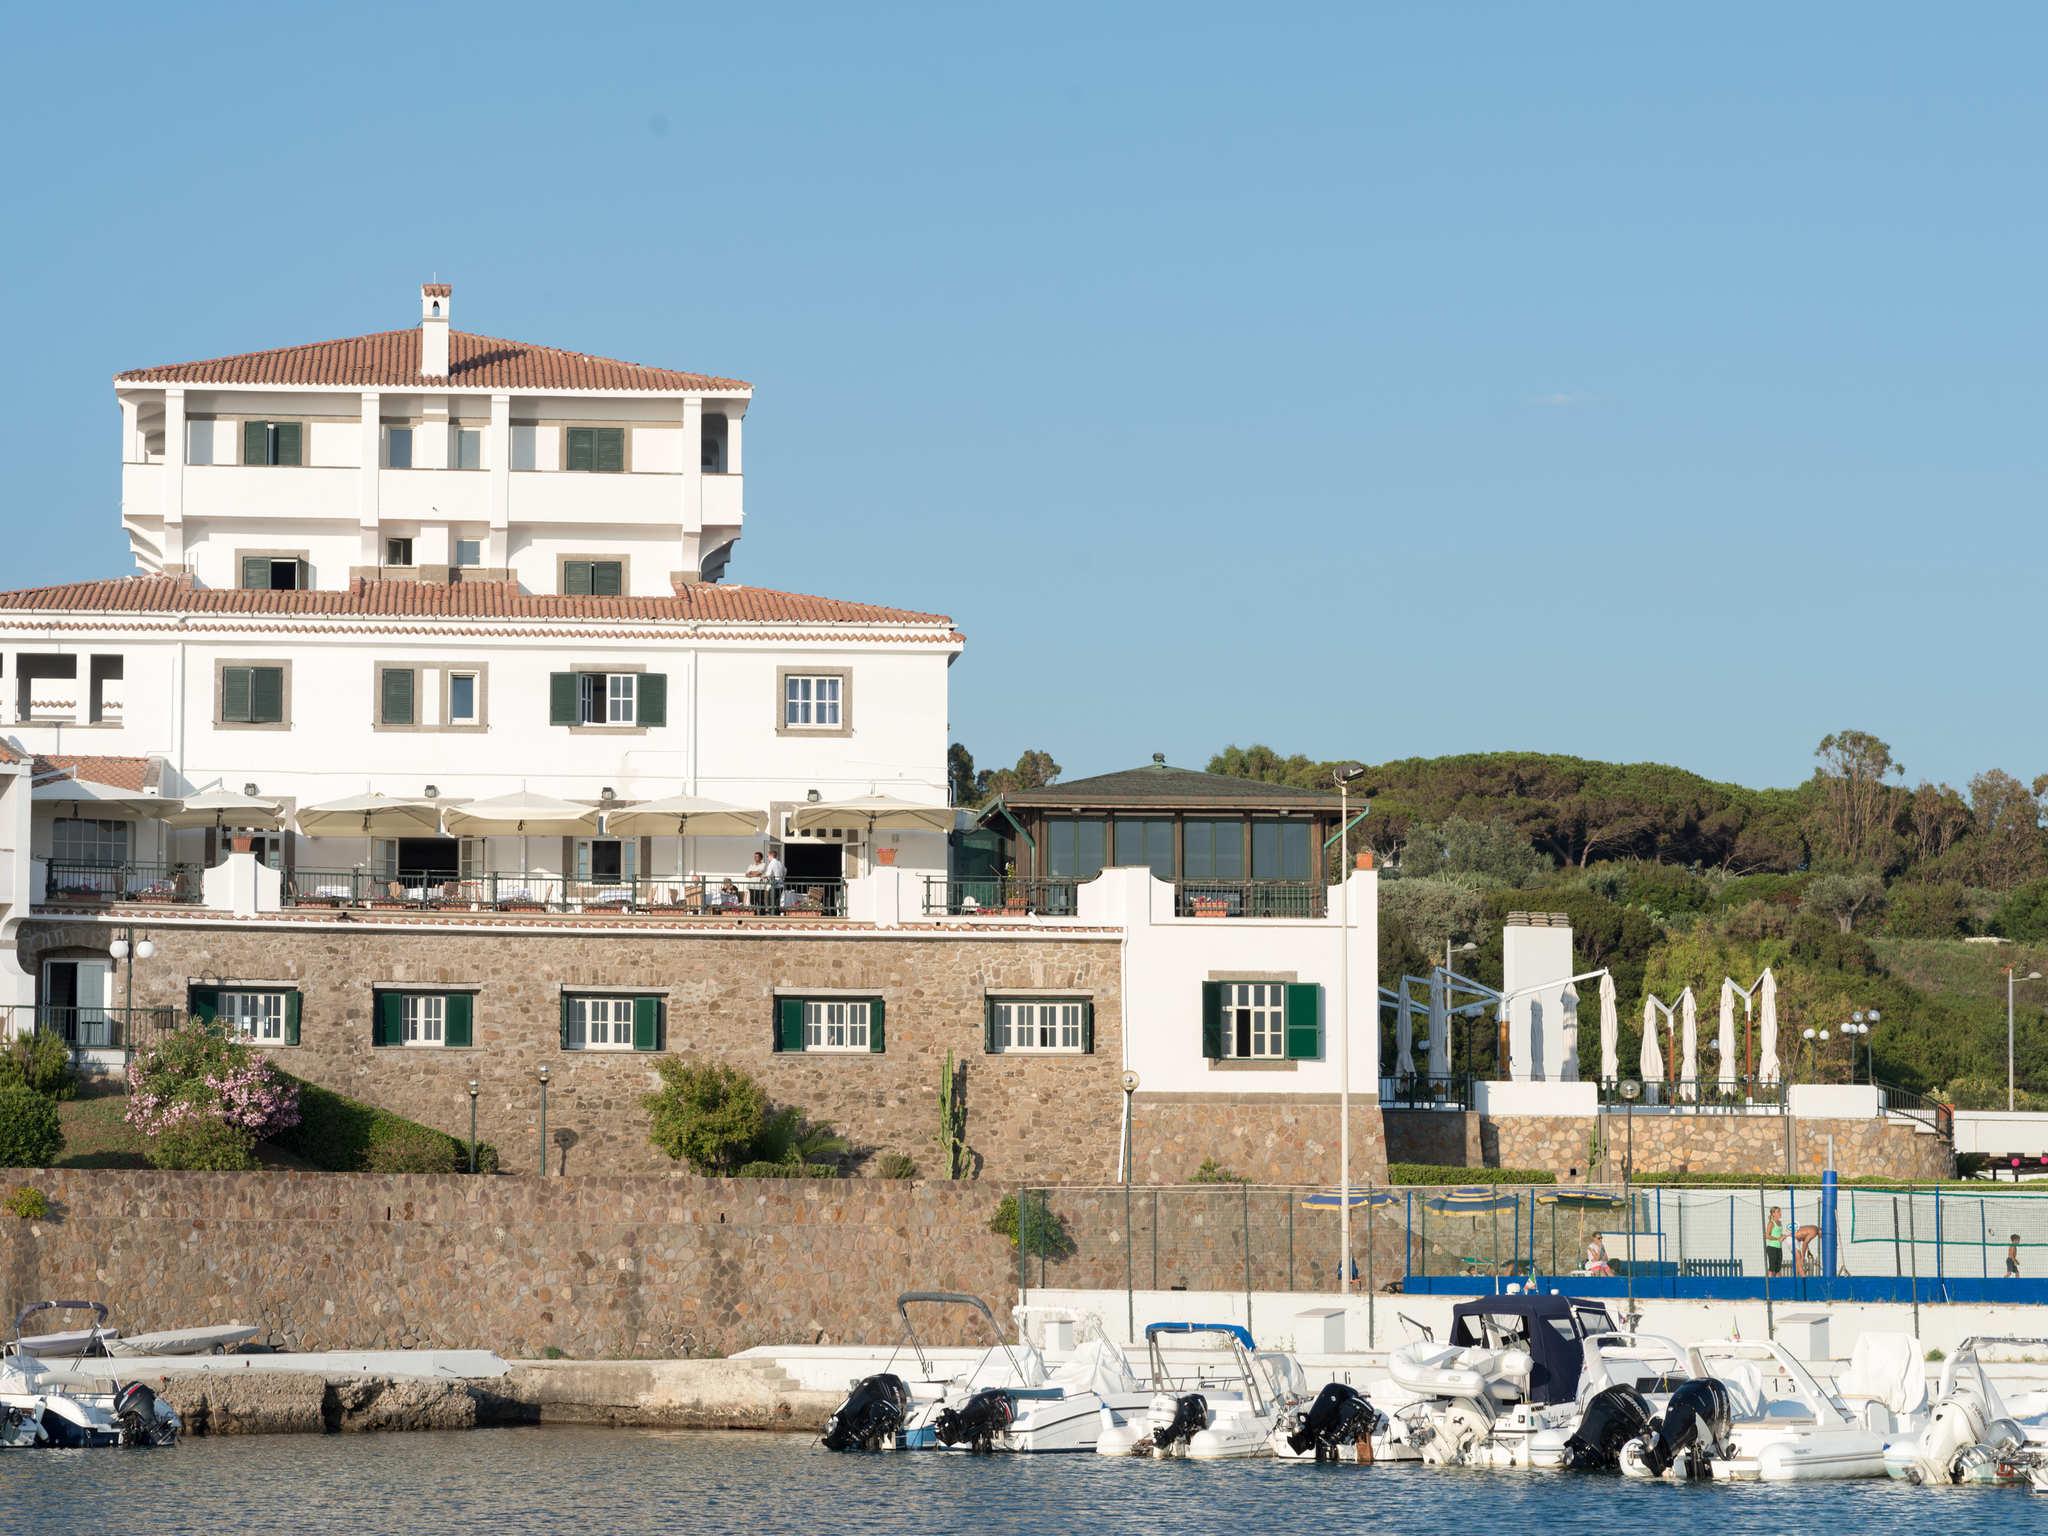 โรงแรม – Mercure Civitavecchia Sunbay Park Hotel